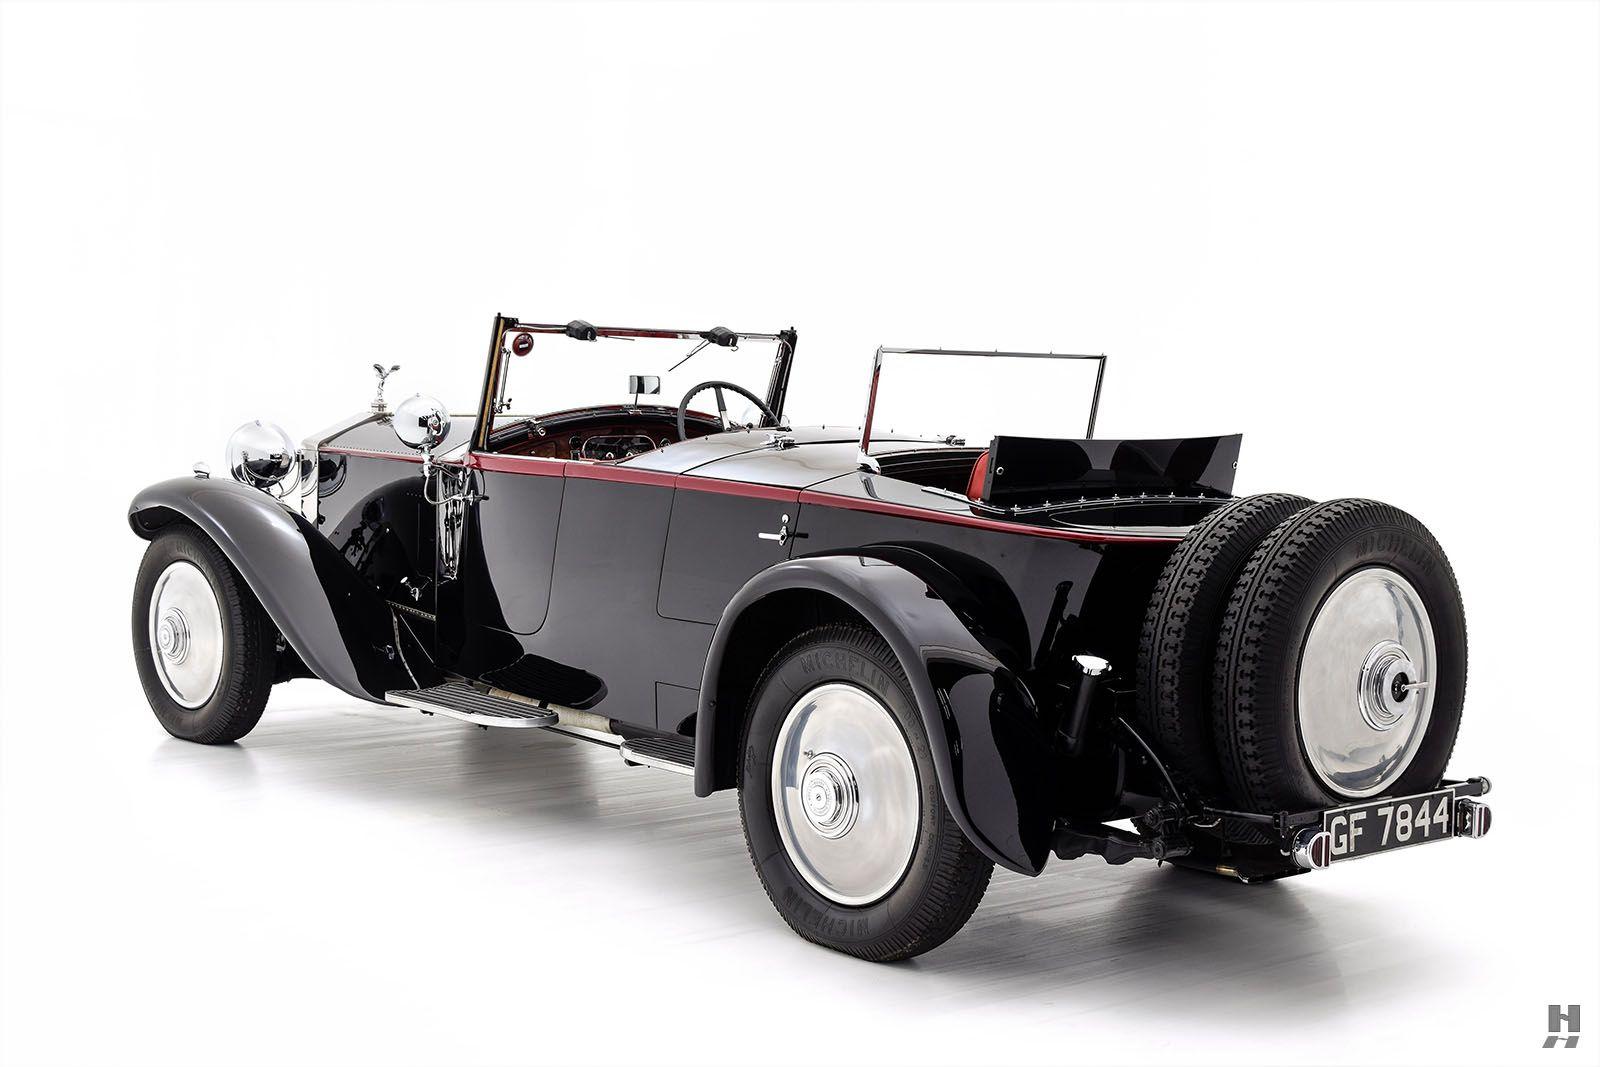 1930 RollsRoyce Phantom II Two Seater Open Sport For Sale